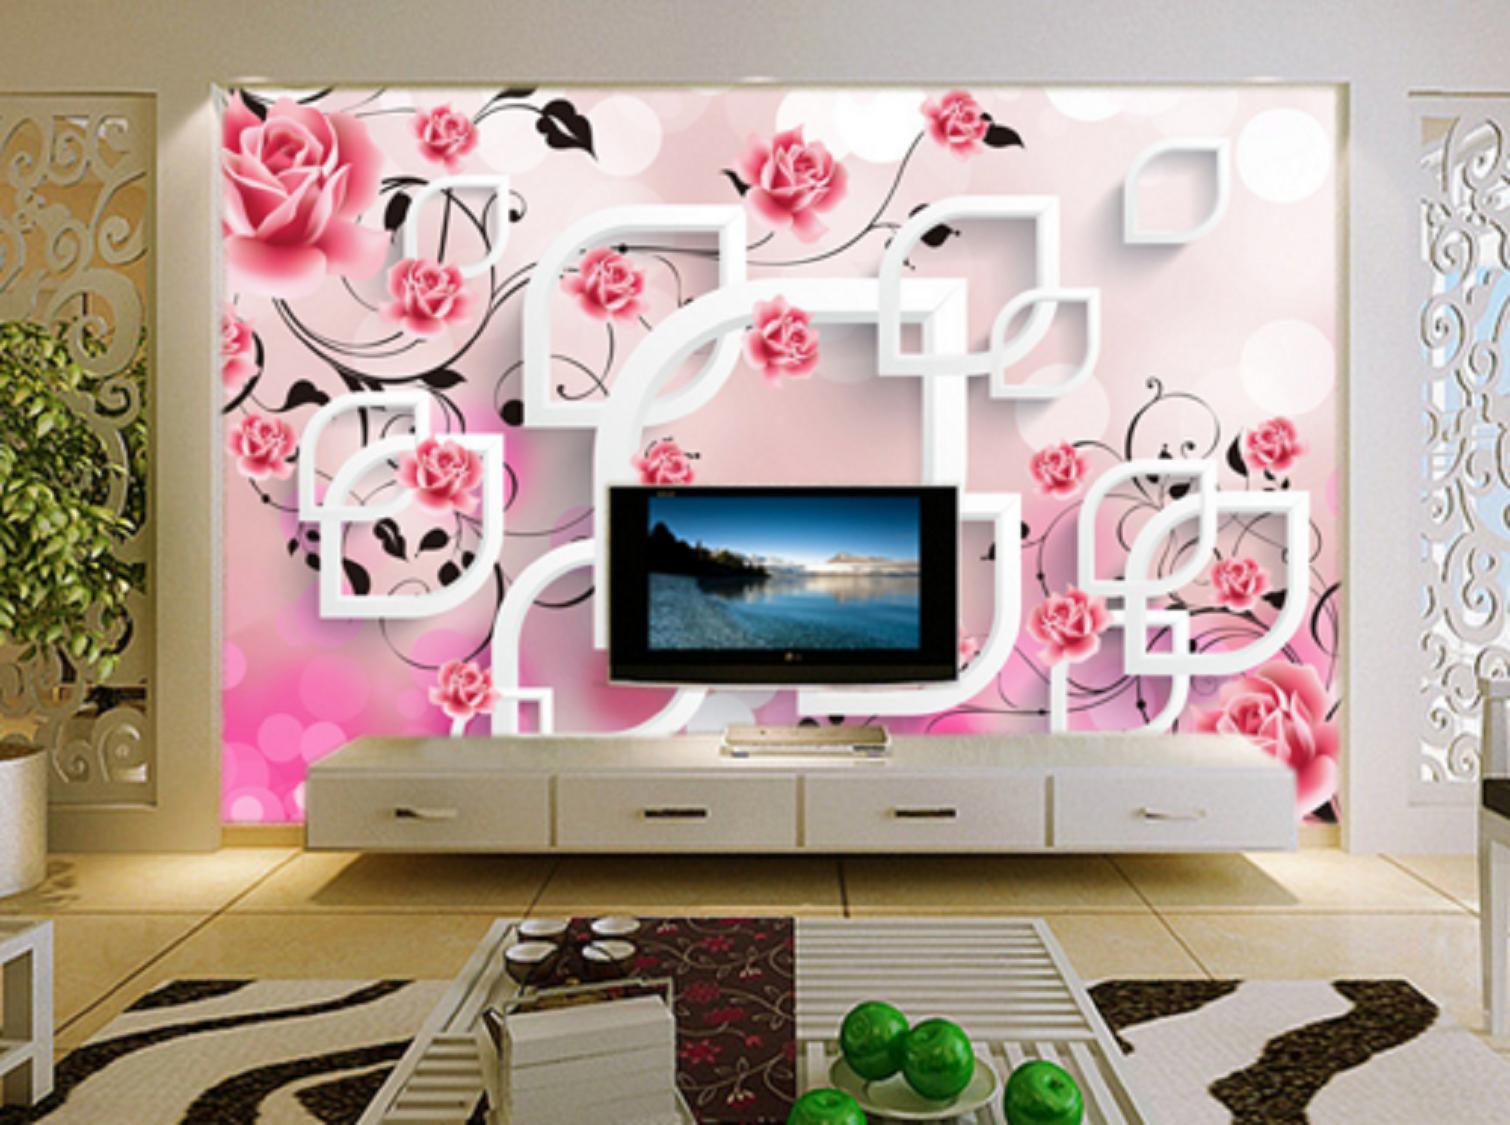 3D Rosen Blüten Serie 56 Tapete Tapeten Mauer Foto Familie Tapete Wandgemälde